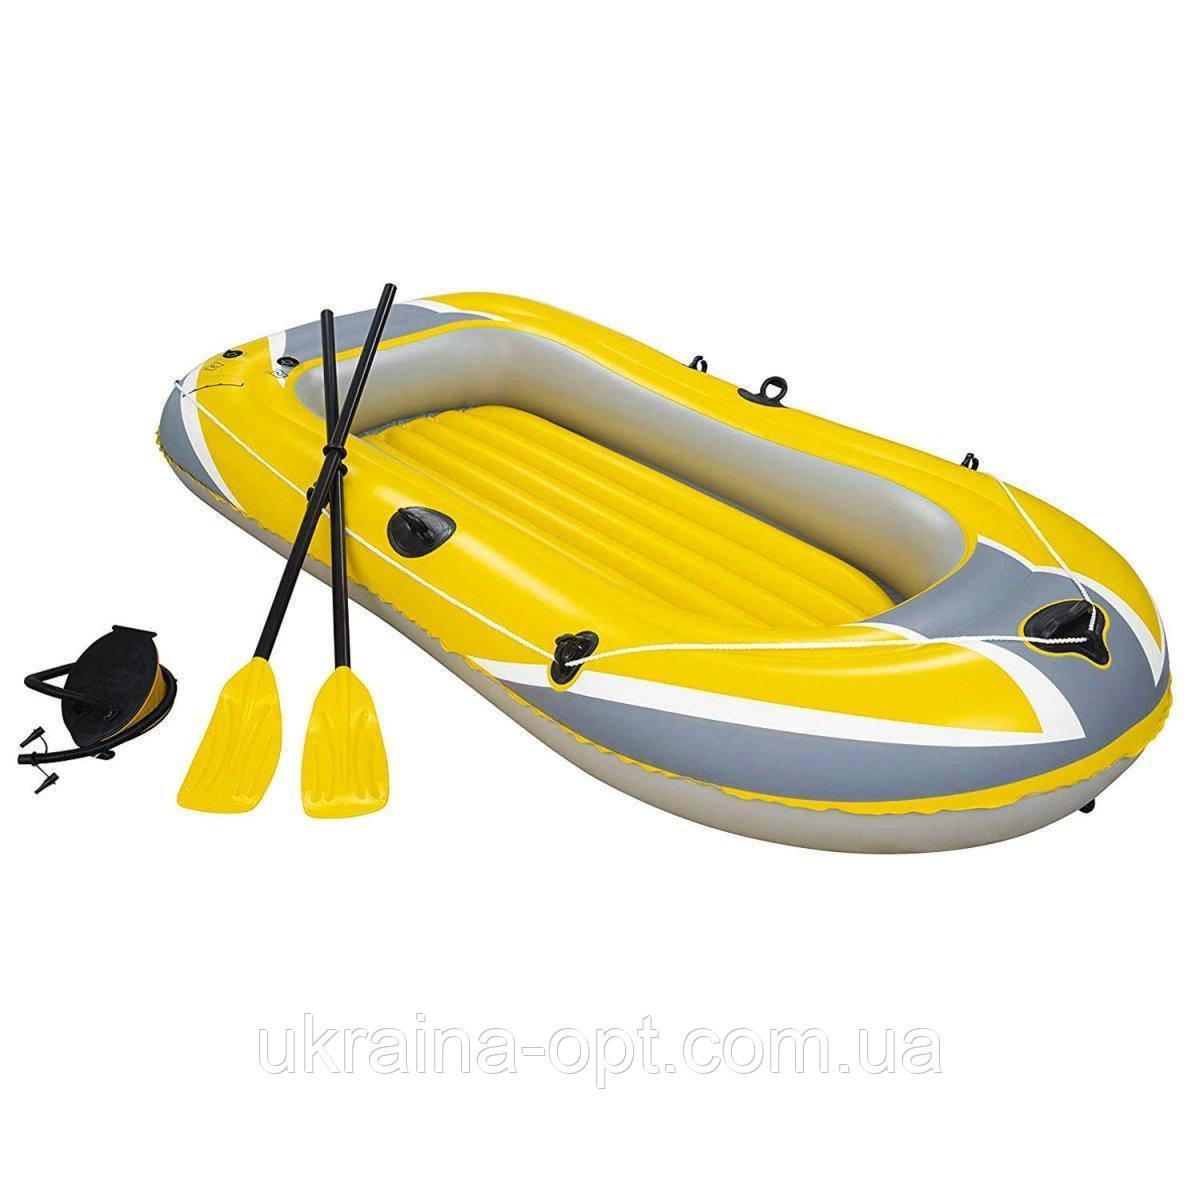 Надувная 2-х местная виниловая лодка. Размер 234х135 см. Нагрузка 190 кг. Bestway 61083 Hydro Force